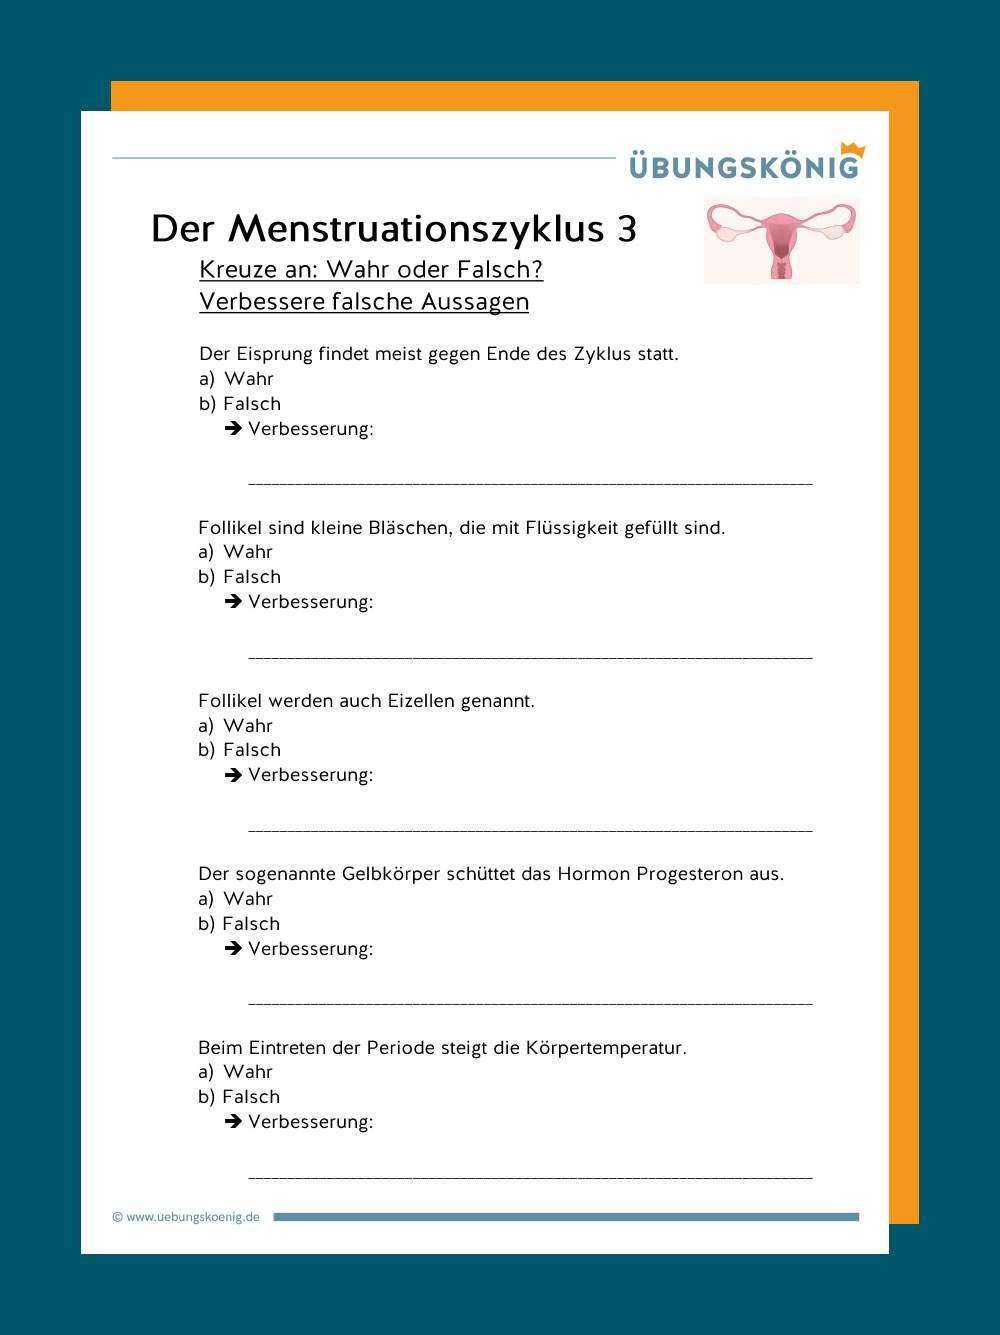 Der Menstruationszyklus